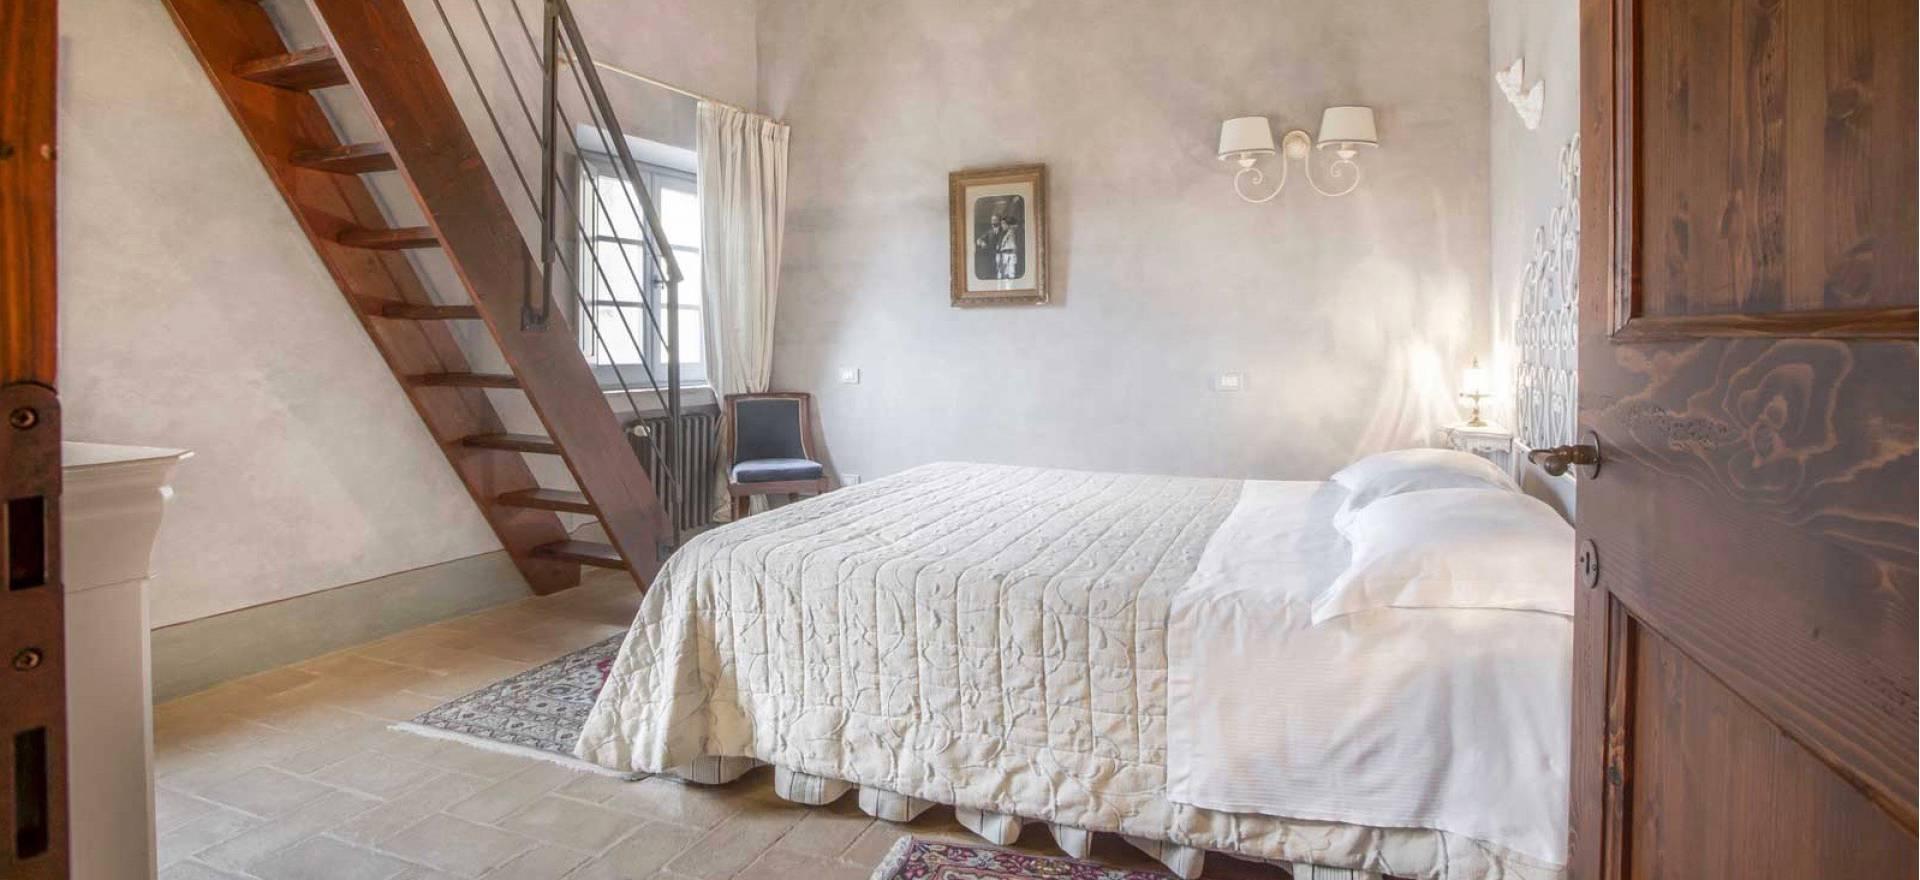 Agriturismo San Gimignano met romantisch interieur